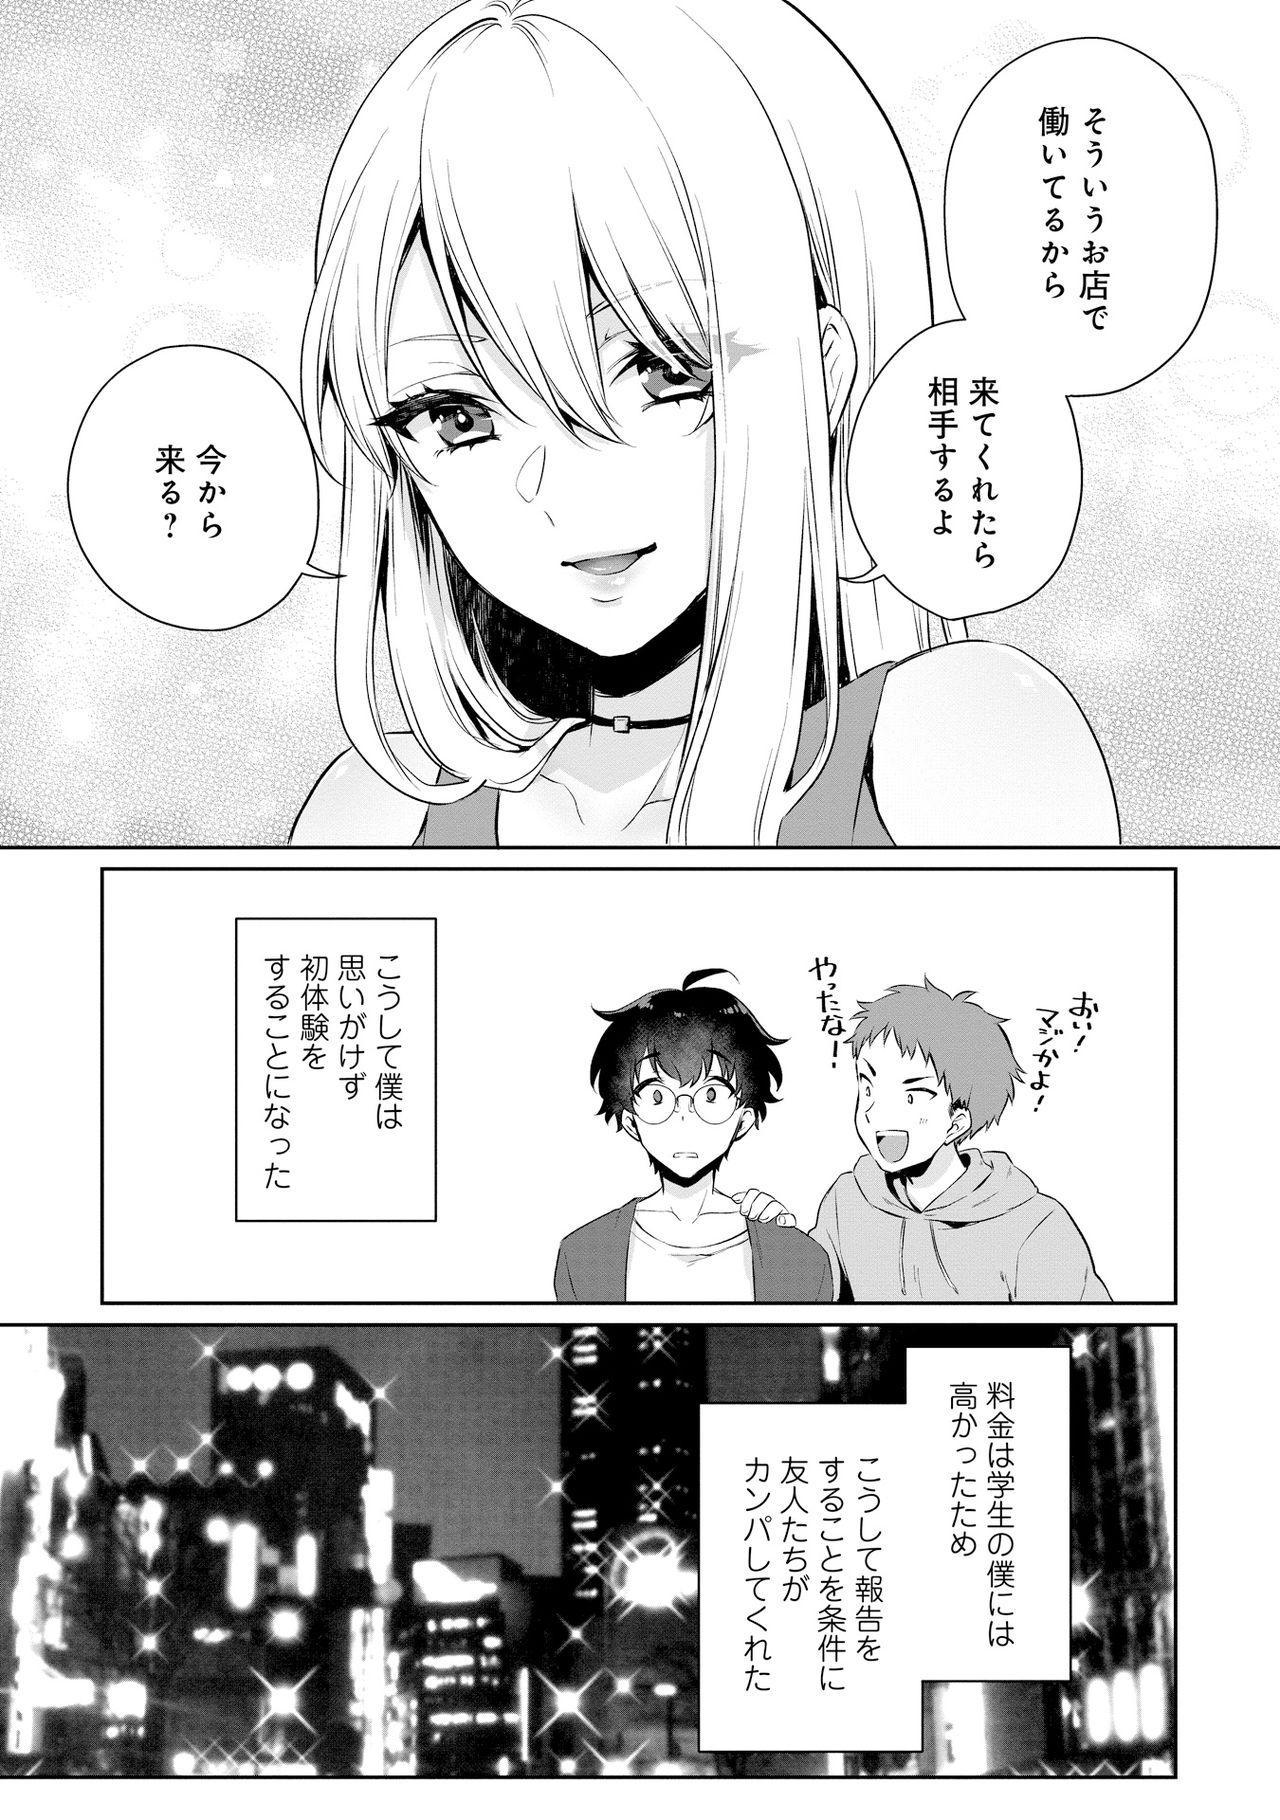 Otokonoko Fuuzoku de Onnanoko Mitai ni Ikasarechau Anthology 2 uragaeshi 6